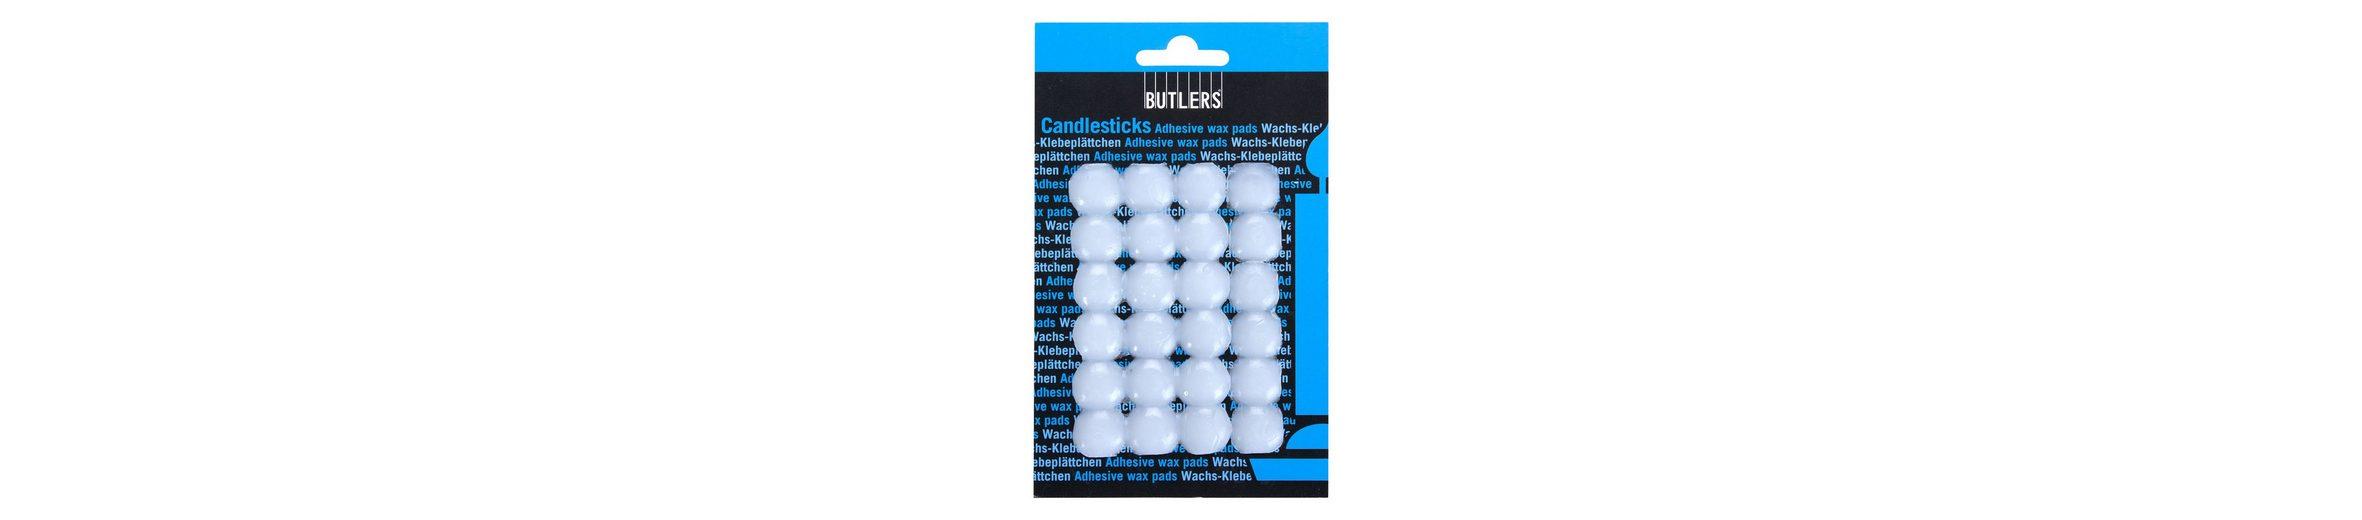 BUTLERS CANDLESTICKS »Wachsklebeblättchen 24er«